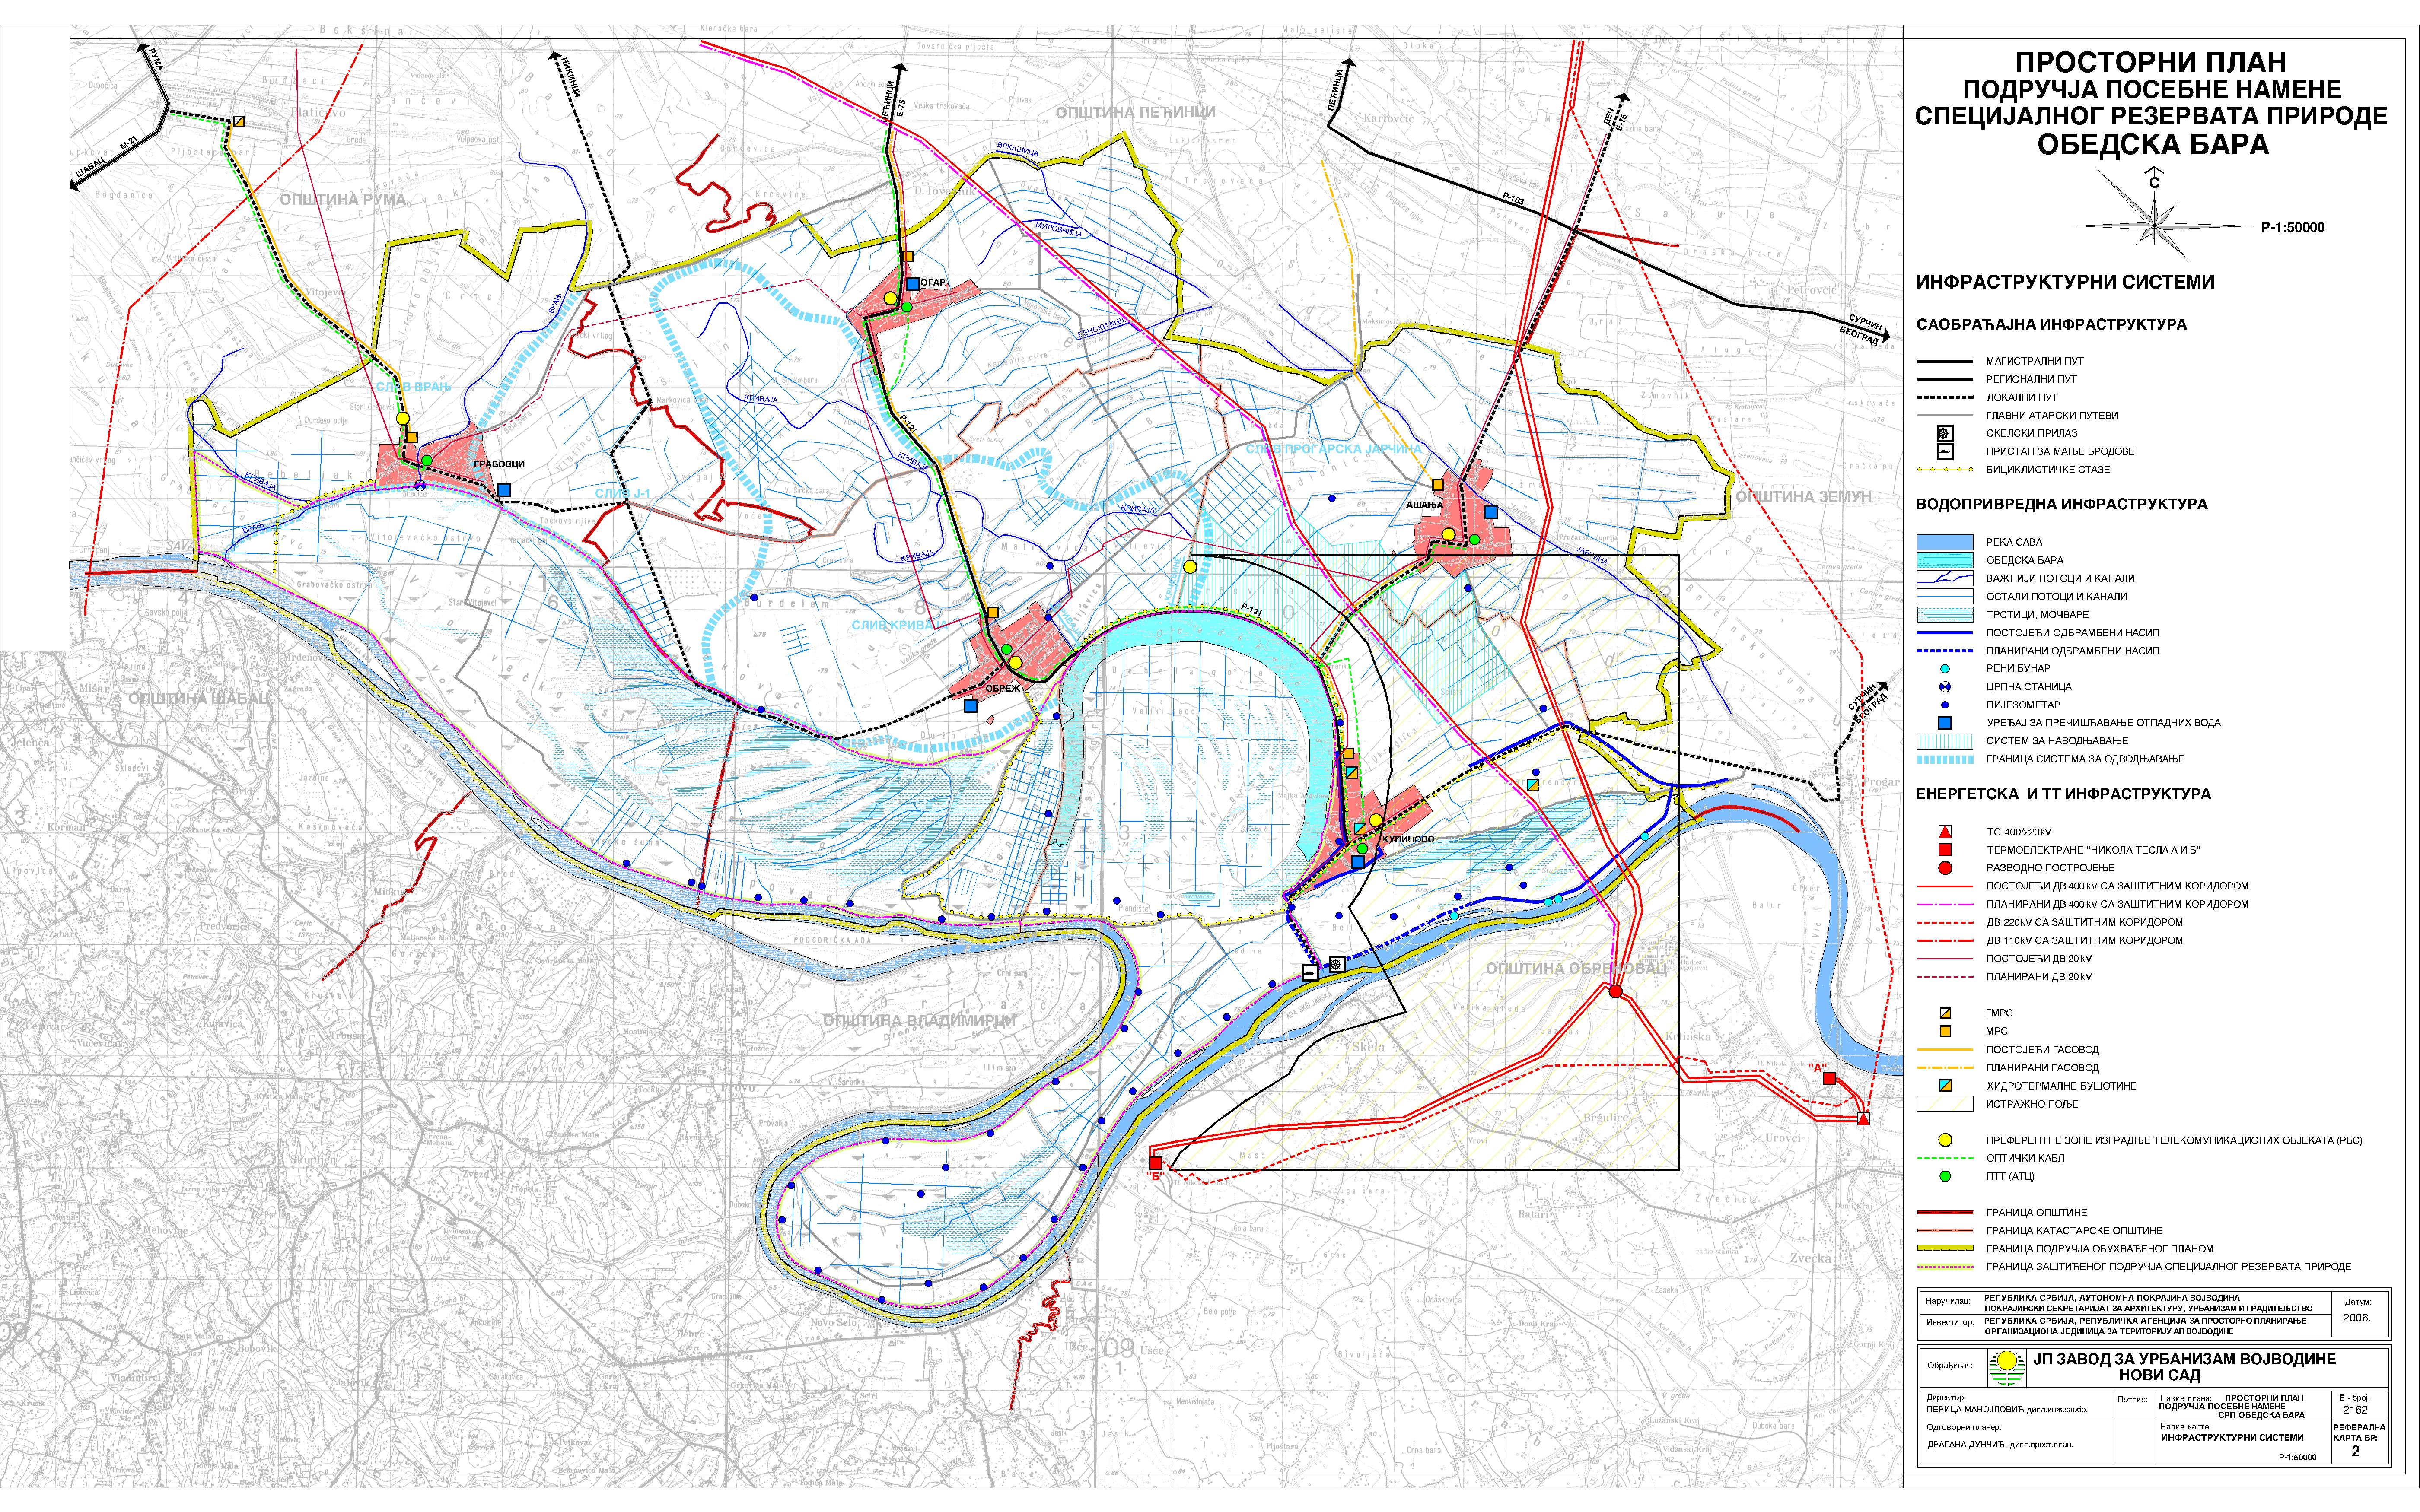 obedska bara mapa JP Zavod za urbanizam Vojvodine   Spatial Plans obedska bara mapa